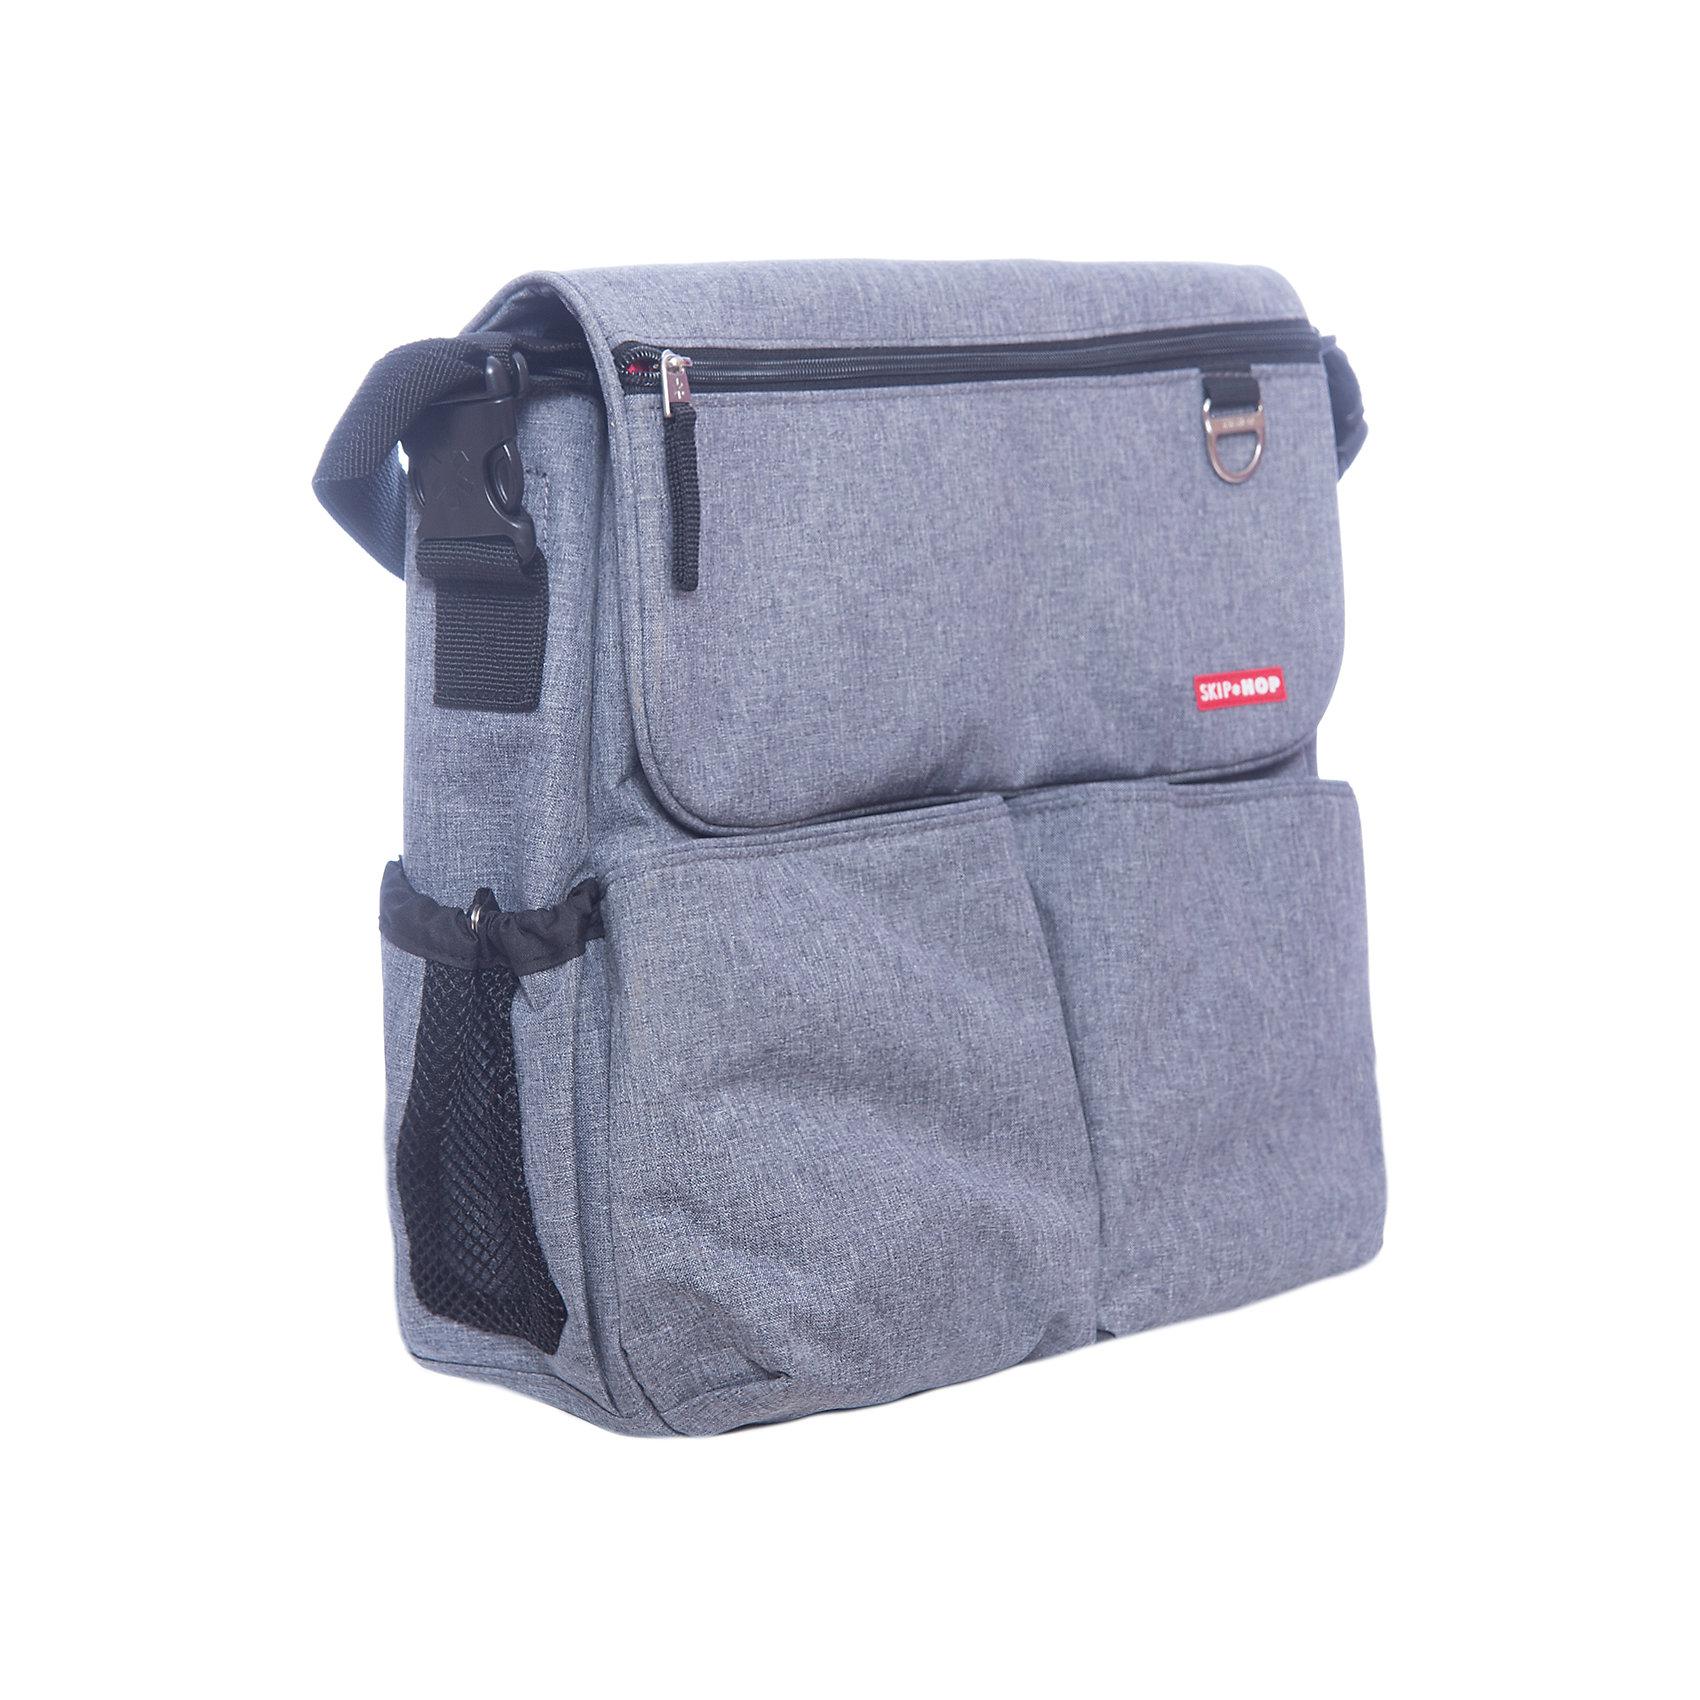 Сумка для мамы на коляску, Skip HopАксессуары для колясок<br>Характеристики сумки для мамы на коляску:<br><br>- надежно крепится на ручке коляски или удобно носится через плечо<br>- запатентованная система крепления сумки к коляске (shuttle clips) делает duo идеальной сумкой для любой коляски<br>- прочная, износостойкая, легко стирающаяся ткань – duo будет выглядеть как новая даже через несколько лет после покупки<br>- в комплекте с сумкой – переходники на коляску и мягкий пеленальный матрасик<br>- в комплекте с сумкой версии jonathan adler – переходники, матрасик и косметичка<br>- большие боковые карманы для бутылочек<br>- мягкая, эргономичная накладка на плечевой ремень<br>- 11 карманов, включая «родительский» карман на молнии<br>- специальное отделение для мобильного телефона<br>- светлый материал внутренней подкладки для удобного поиска того, что в сумке<br>- размеры сумки (ширина х длина х высота): 33 * 11 * 35 см<br><br>Сумка для мамы на коляску торговой марки SkipHop имеет многочисленные карманы, которые делают эту стильную сумку незаменимой помощницей современных родителей. В сумке запросто уместится все, что может понадобиться на прогулке ребенку и родителям: сменные памперсы, игрушки, бутылочки и еда. <br>Отдельные карманы помогут сохранить Ваши записные книжки, мобильные телефоны, ключи и кошелек чистыми и сухими. С помощью запатентованных креплений Shuttle Clips DUO быстро и легко превращается из обычной сумки в сумку для коляски и обратно в обычную сумку – специальные крепления на ручку коляски практически не заметны, а плечевая лямка изящно скрывается в сумке.<br><br>Сумку для мамы на коляску торговой марки SkipHop (Скип Хоп) можно купить в нашем интернет-магазине.<br><br>Ширина мм: 370<br>Глубина мм: 370<br>Высота мм: 150<br>Вес г: 867<br>Возраст от месяцев: 0<br>Возраст до месяцев: 600<br>Пол: Унисекс<br>Возраст: Детский<br>SKU: 5146701